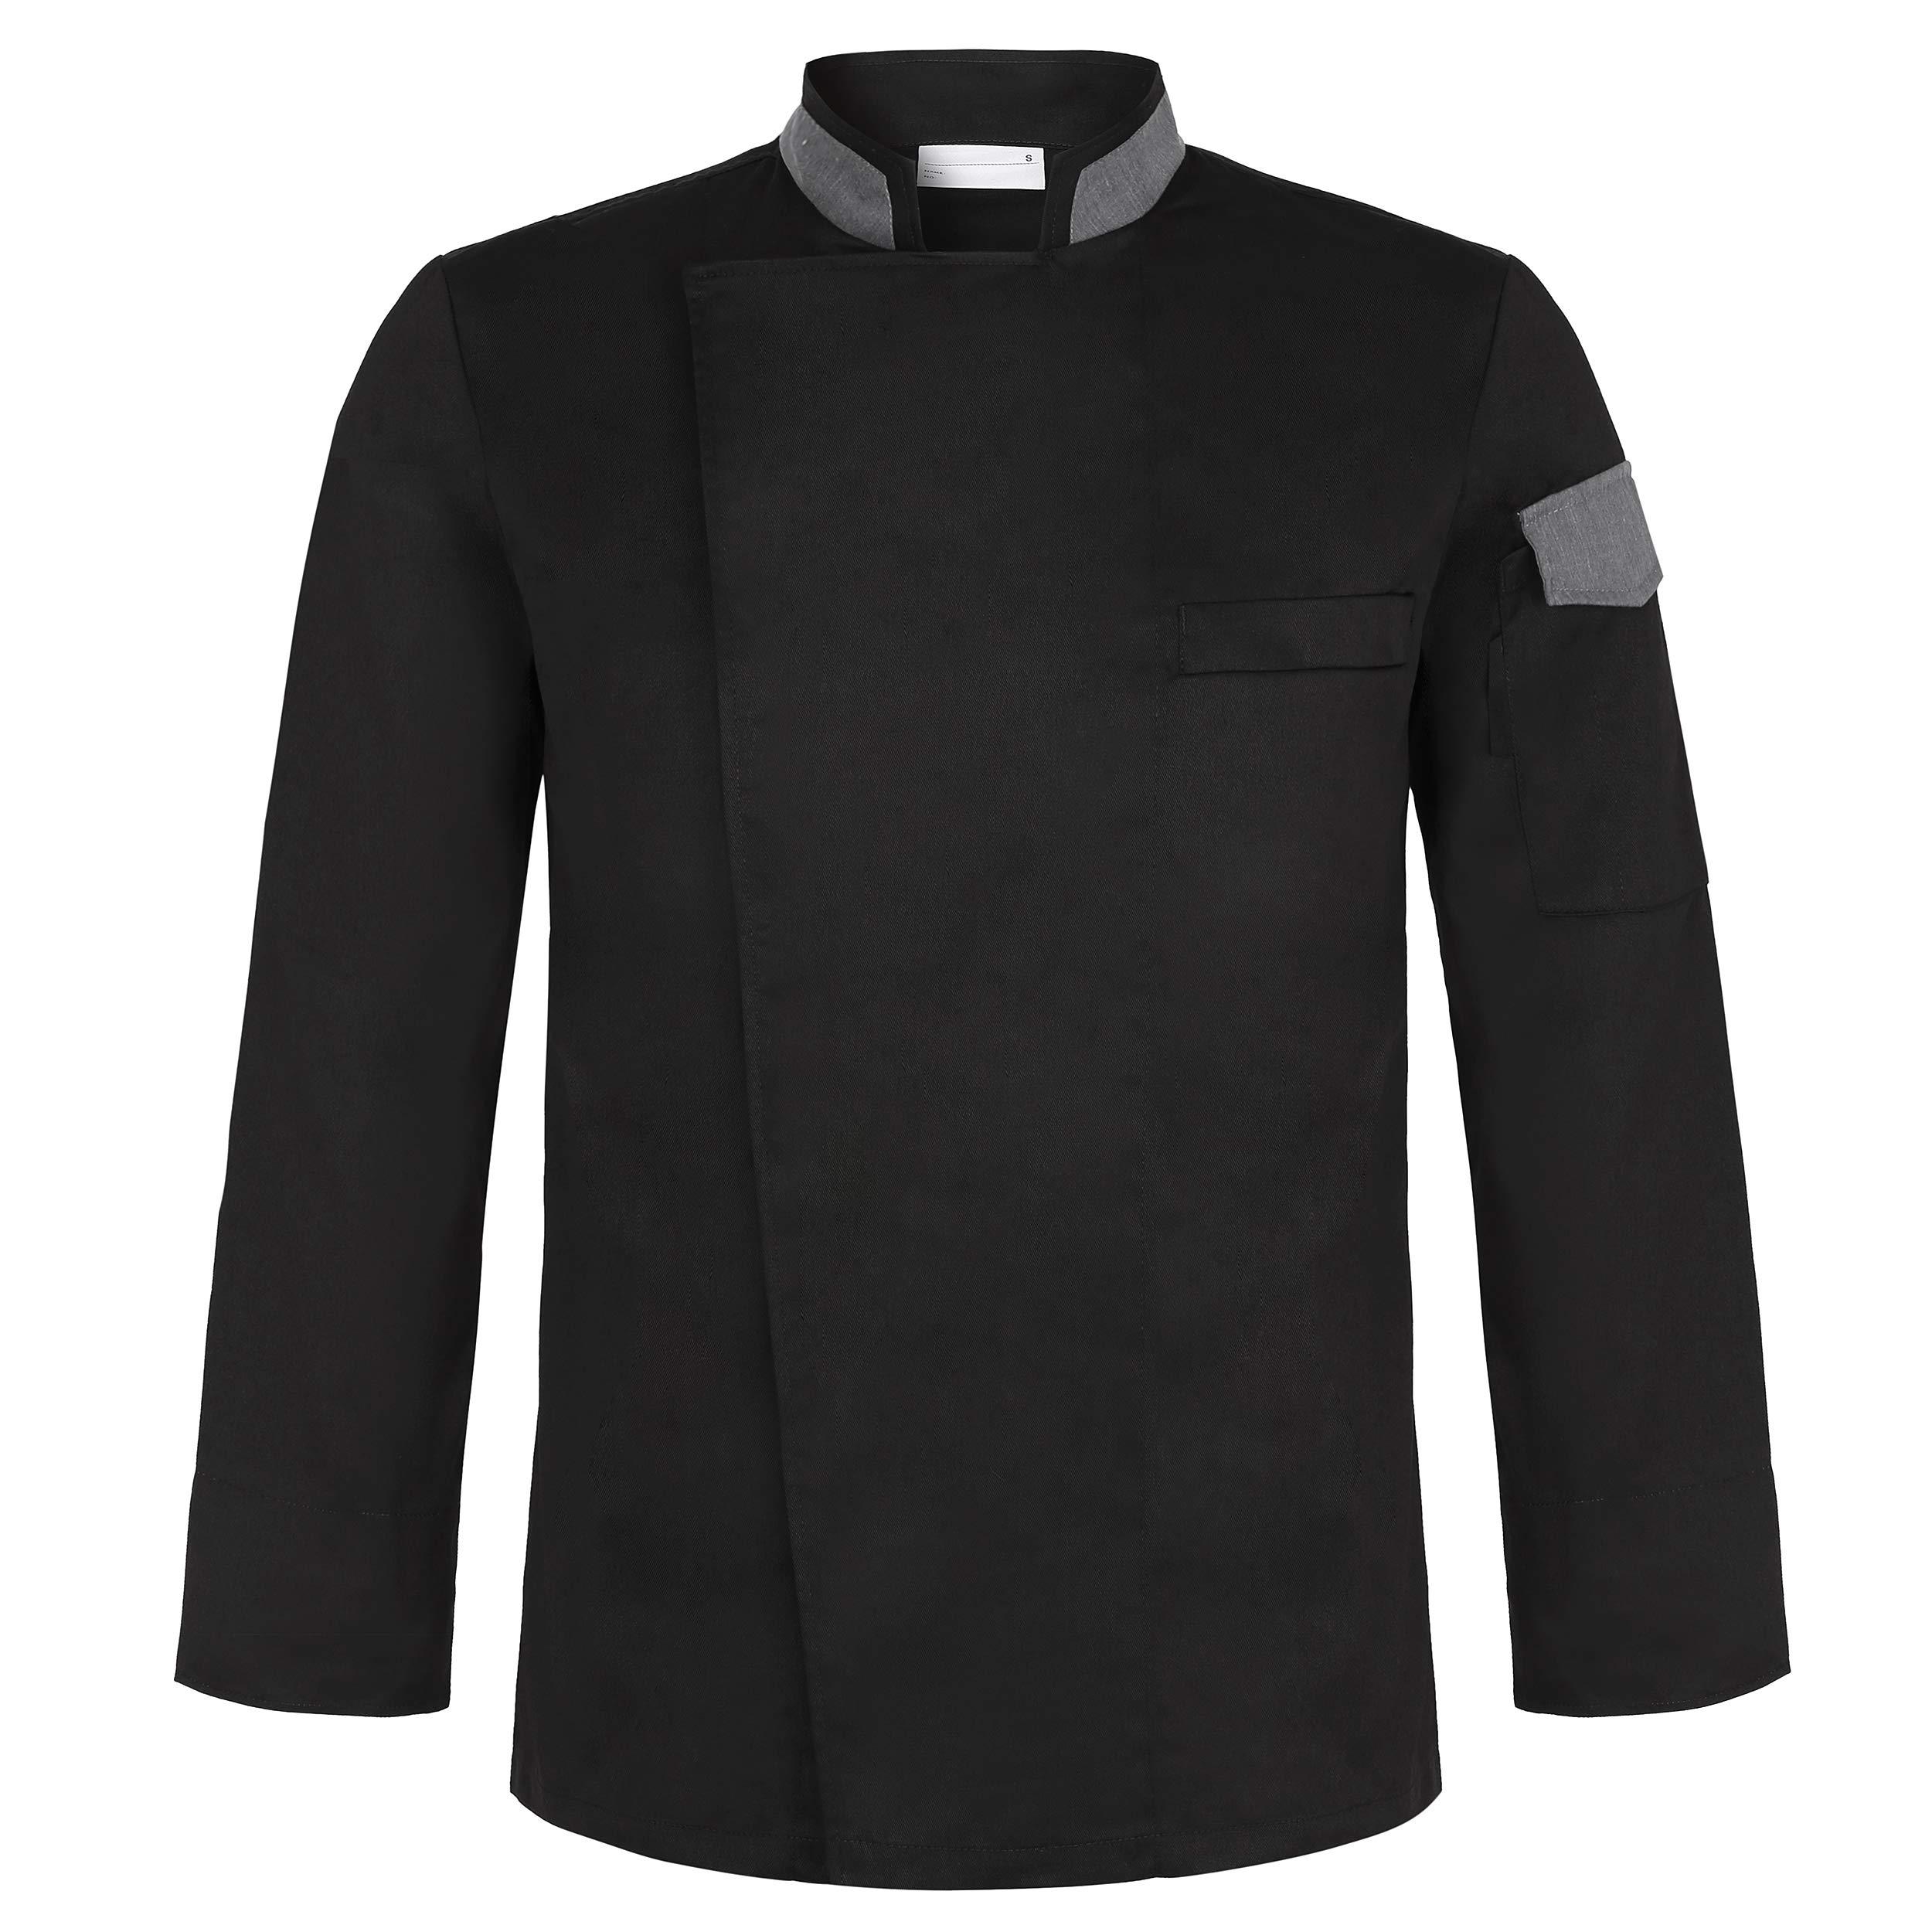 Cheflife Men's Stylish Unisex Chef Uniforms Long Sleeve Coat Jacket by Cheflife